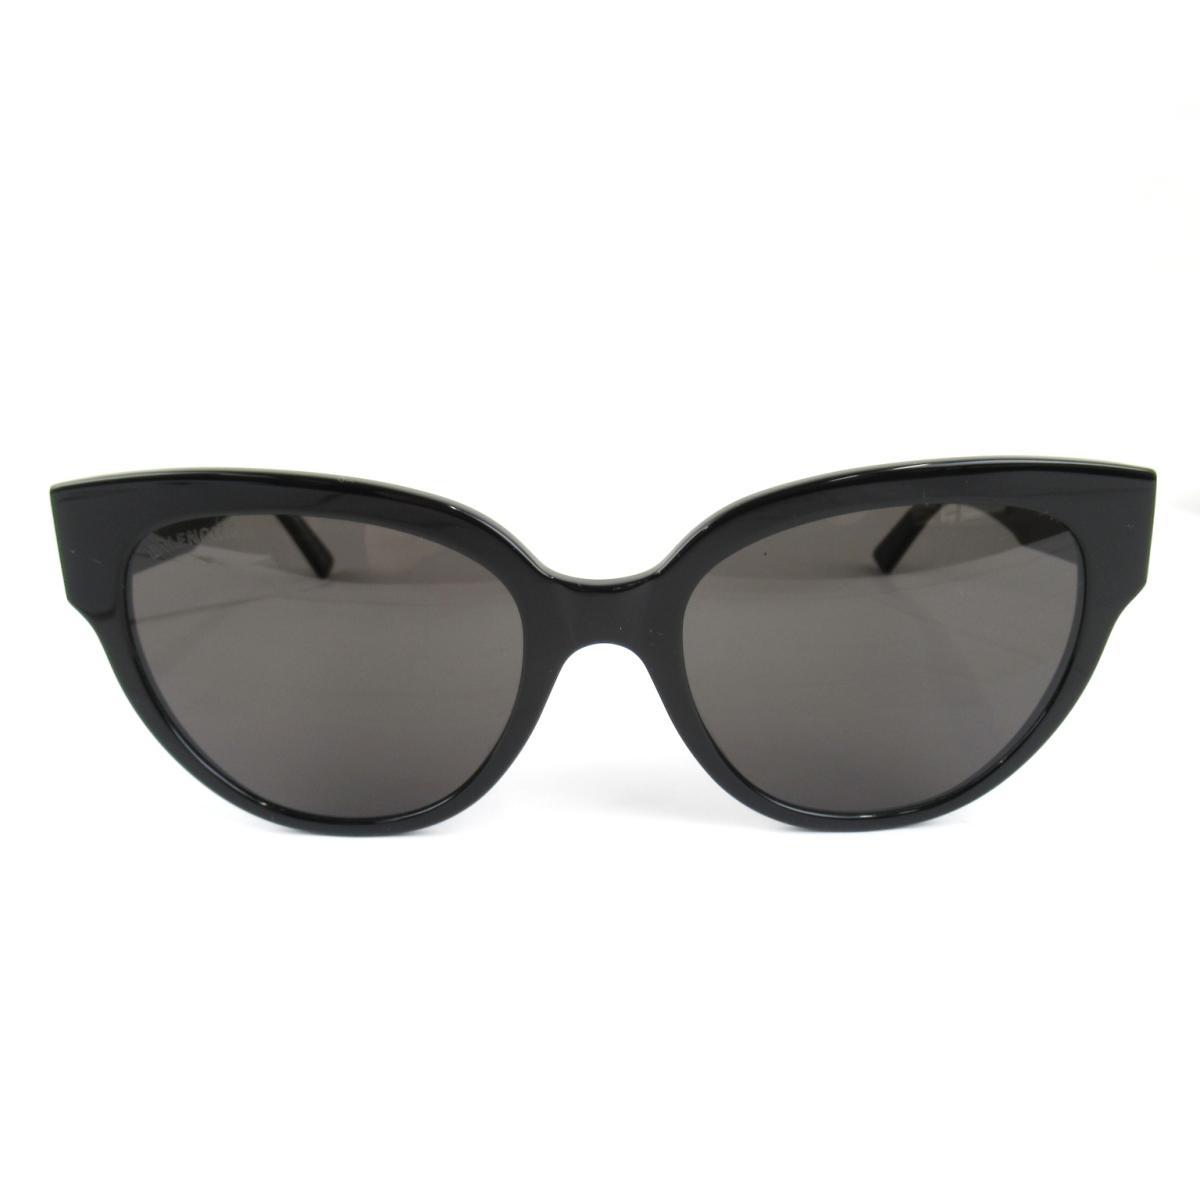 バレンシアガ サングラス メンズ レディース フレーム:プラスチック/レンズ:プラスチック ブラック x (0050 1 55ロ20-140) | BALENCIAGA BRANDOFF ブランドオフ ブランド ブランド雑貨 小物 雑貨 眼鏡 メガネ めがね